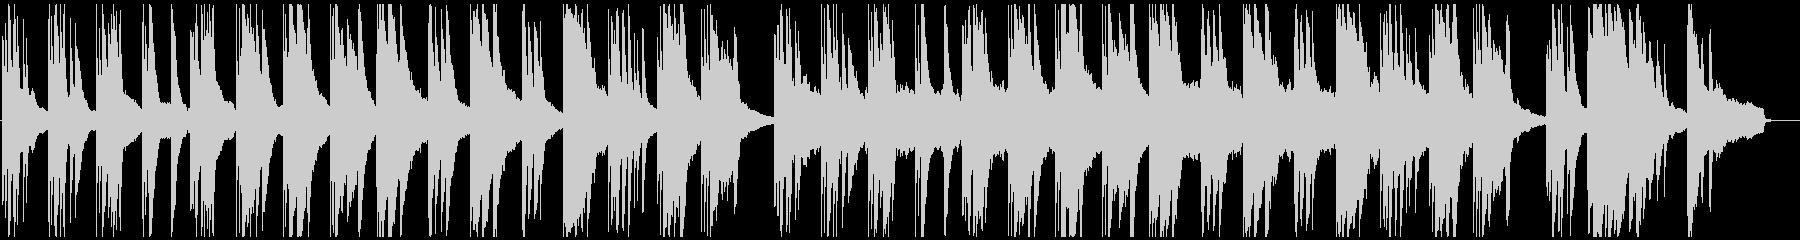 ピアノ 悲しい 懐古 後悔 切ない ソロの未再生の波形